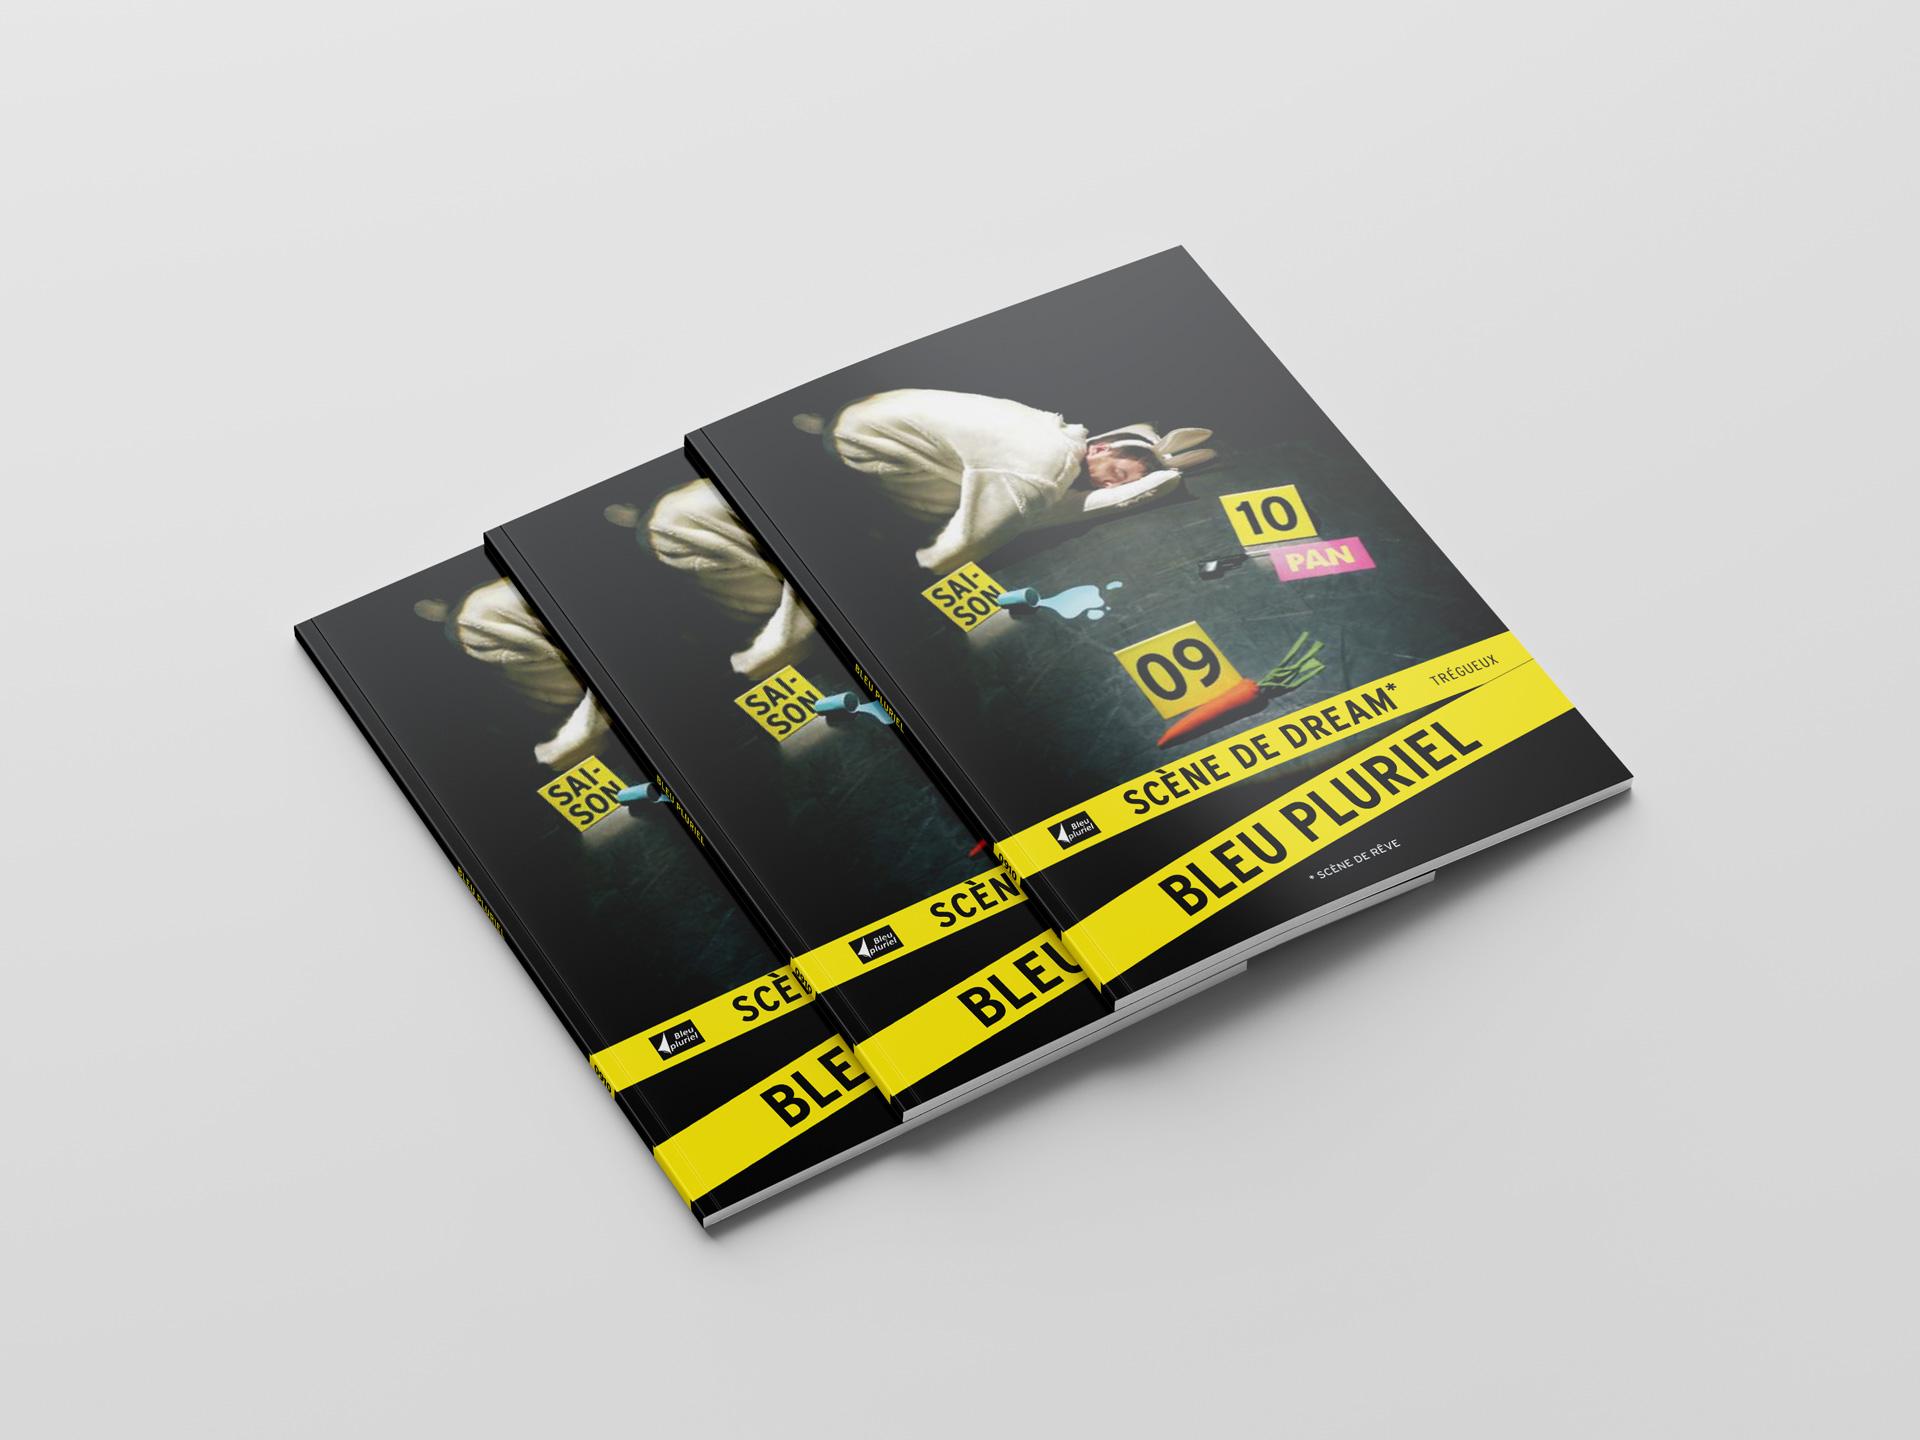 Bleu Pluriel Culturel Programme Spectacle Saison Brochure Couverture